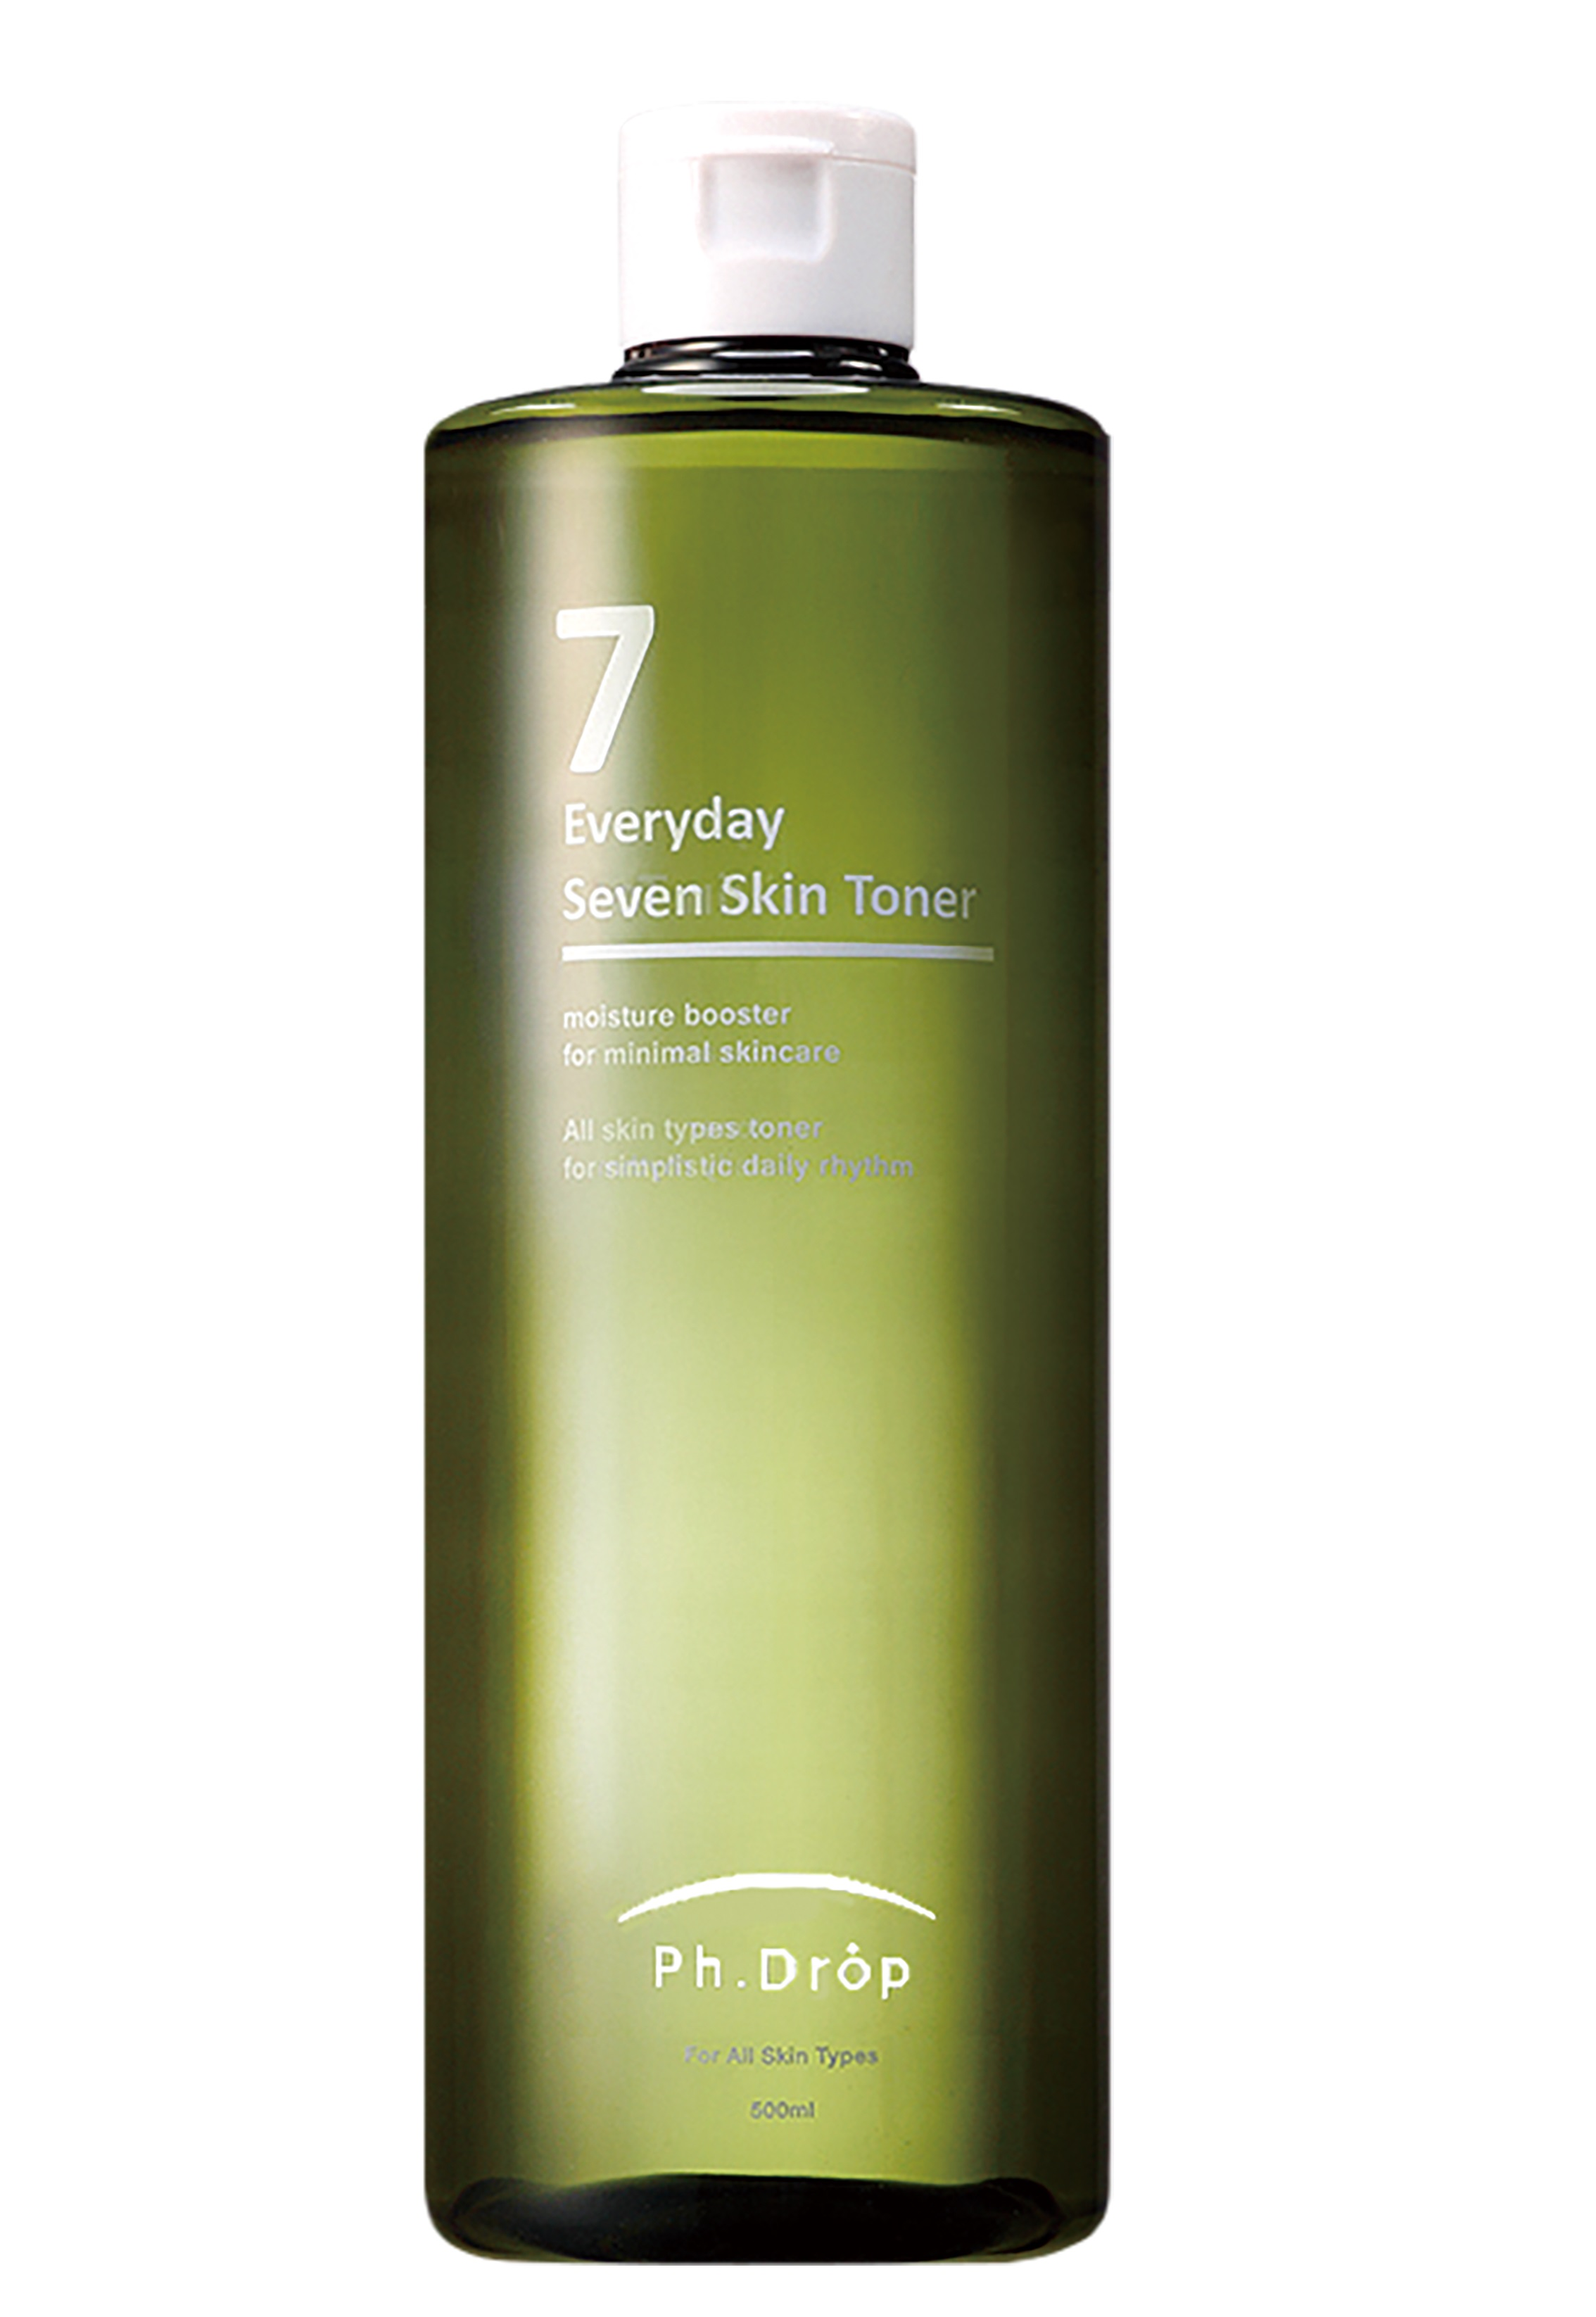 PH.DROP Тоник восстанавливающий для лица, для ежедневного применения / Everyday 7 Skin Toner 500 мл